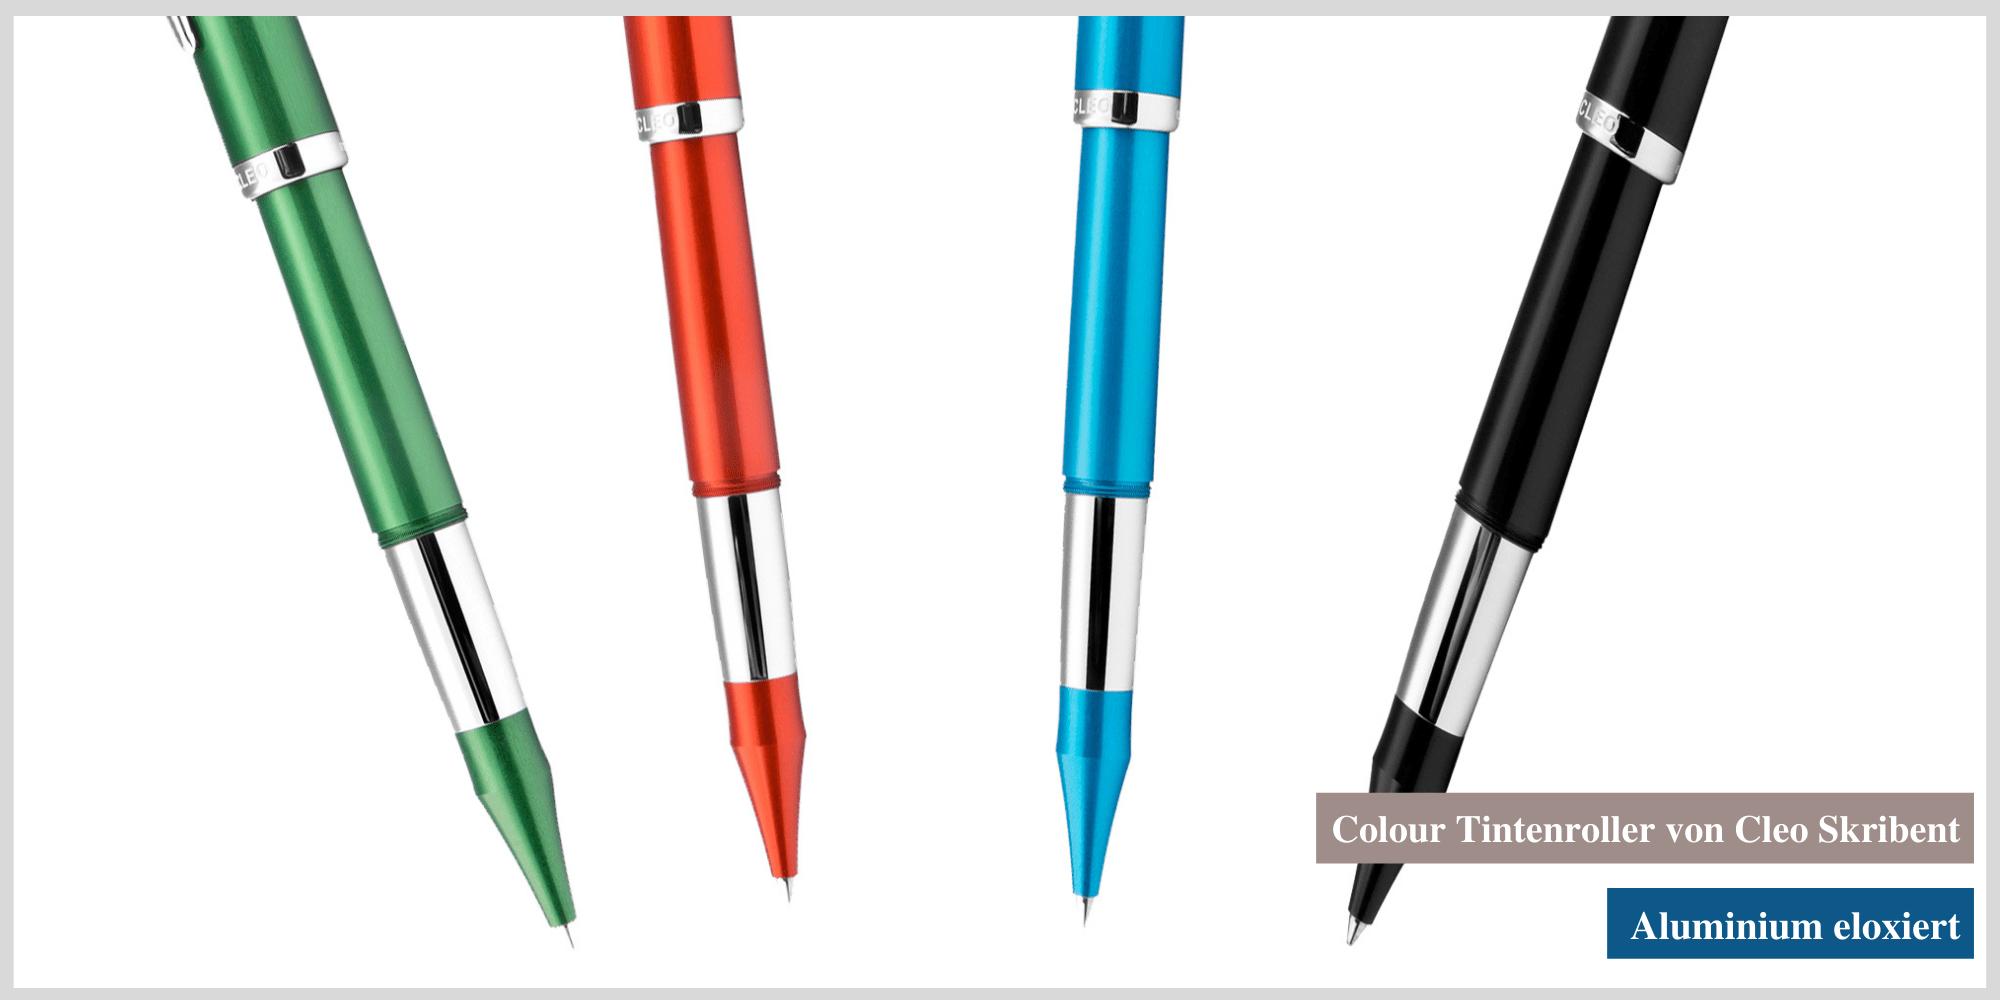 Den Colour-Tintenroller von Cleo Skribent gibt es in vier Farbvarianten.